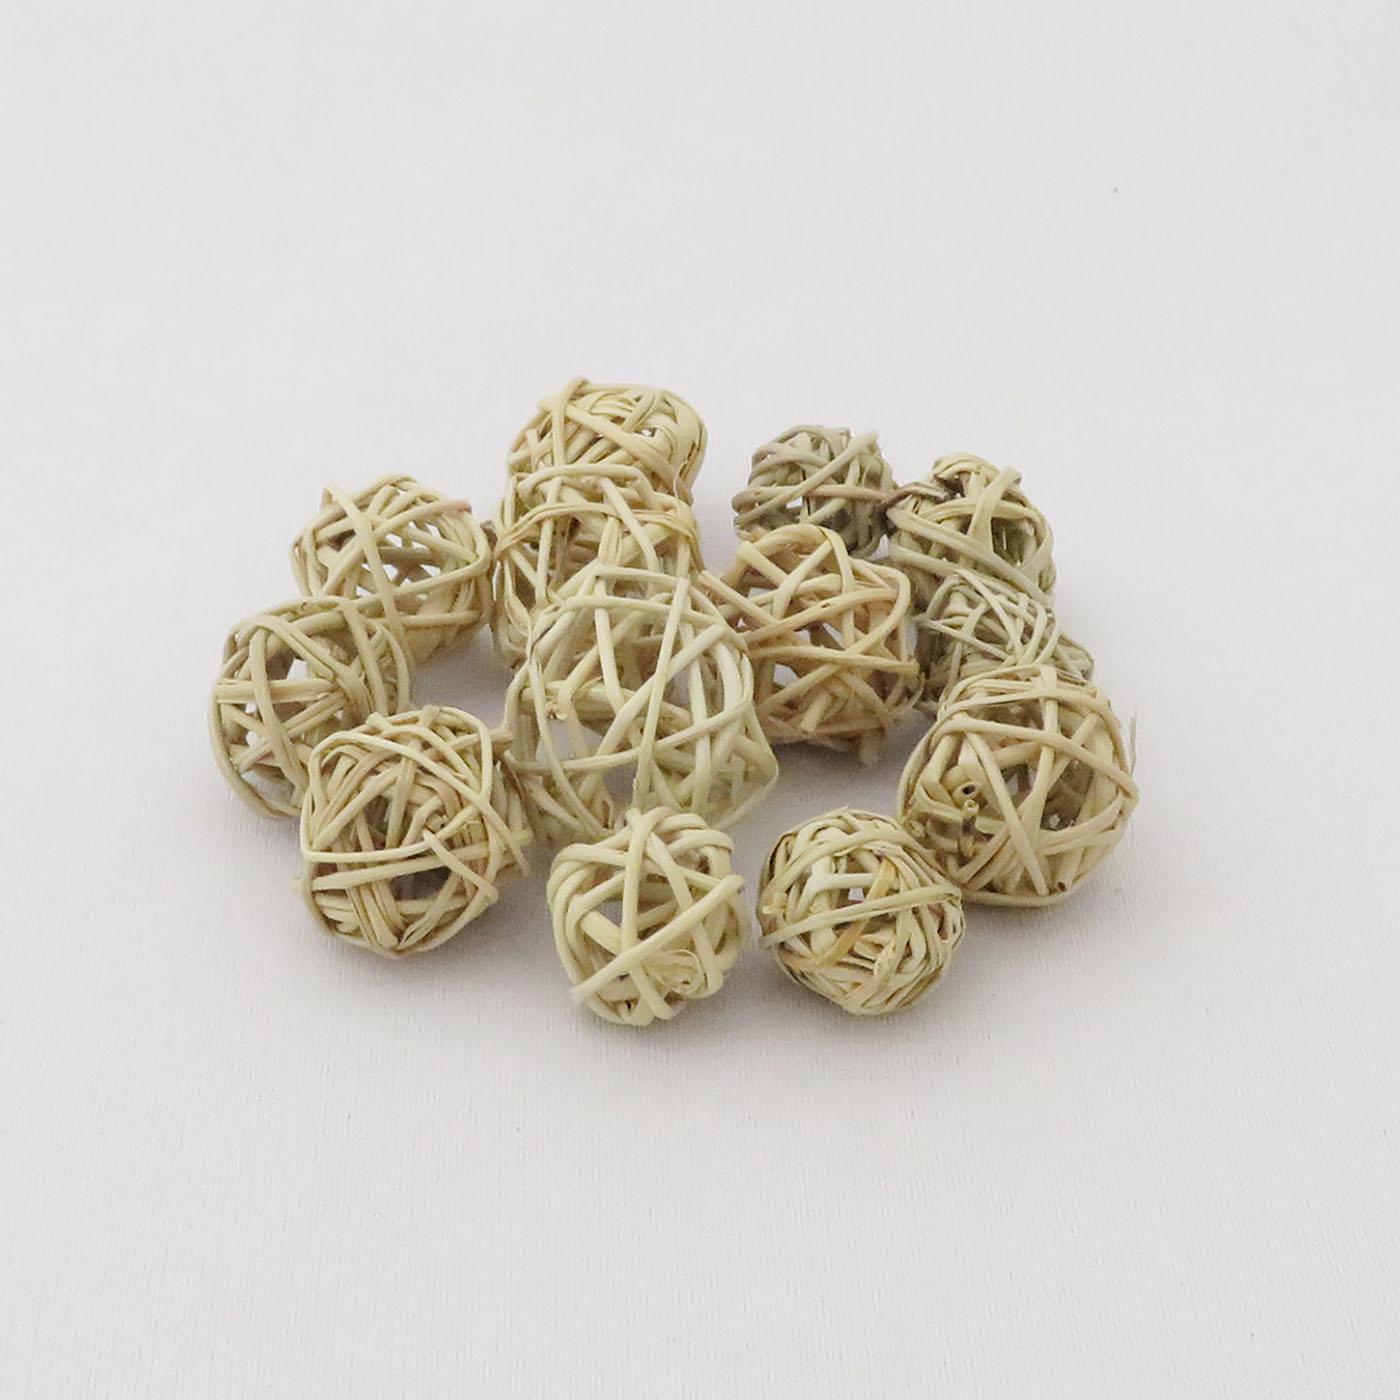 ミニミニマンチボール(直径約2.5cm)